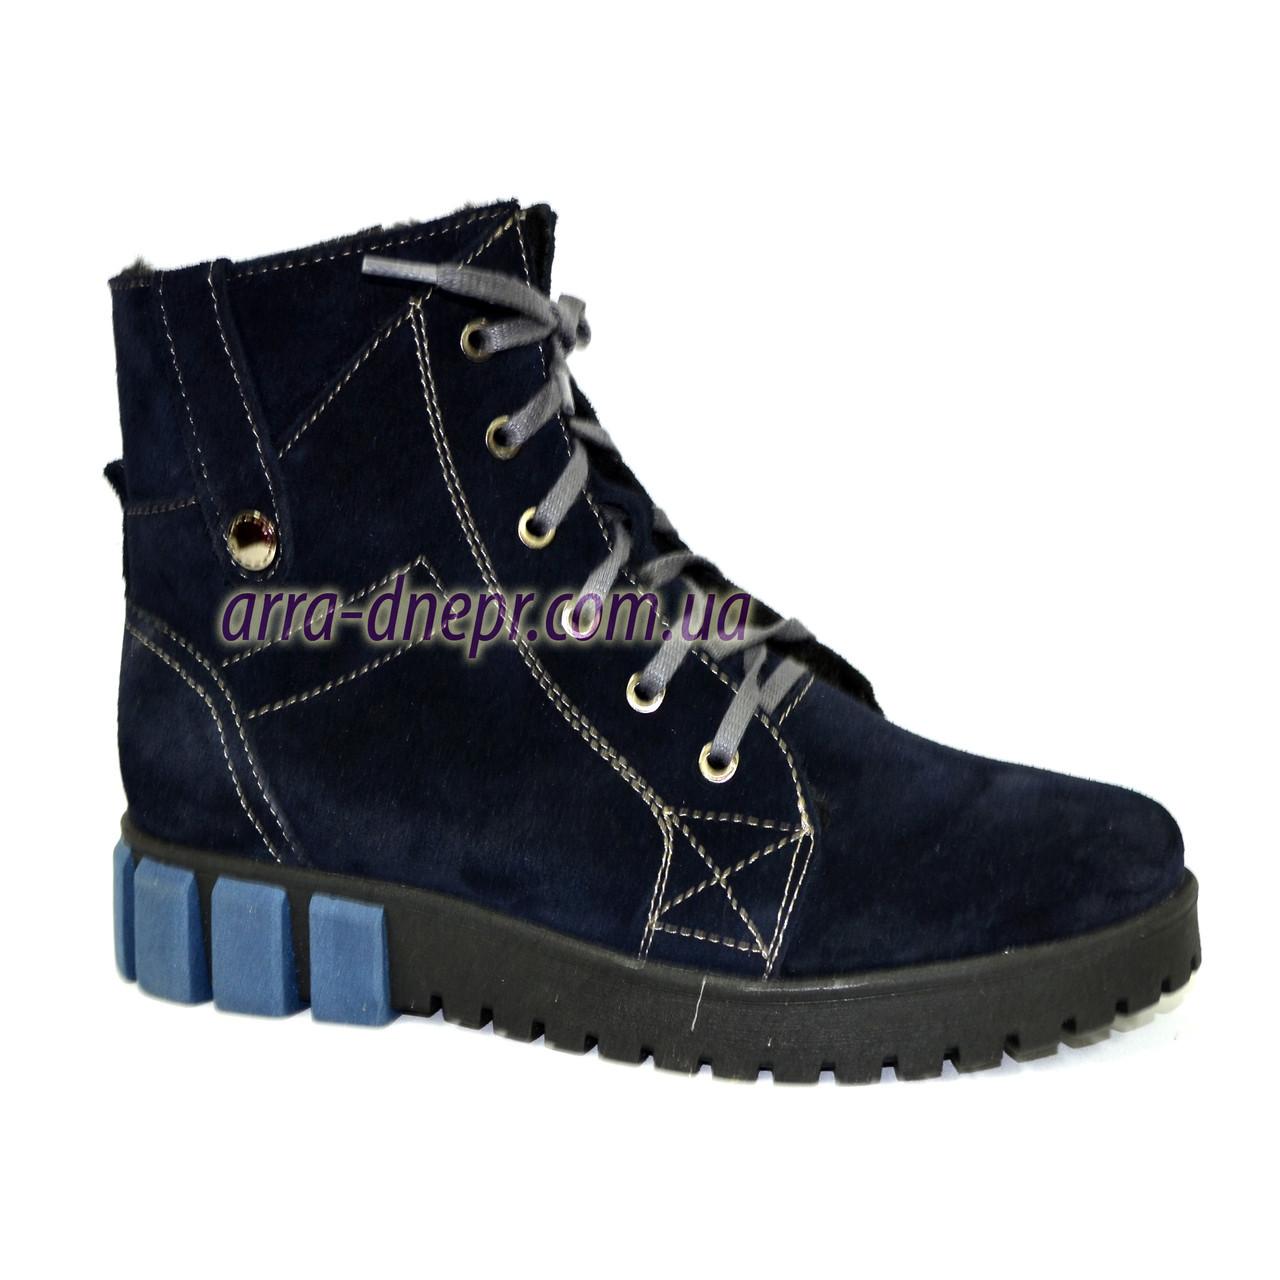 Женские зимние ботинки из натуральной синей замши на шнуровке